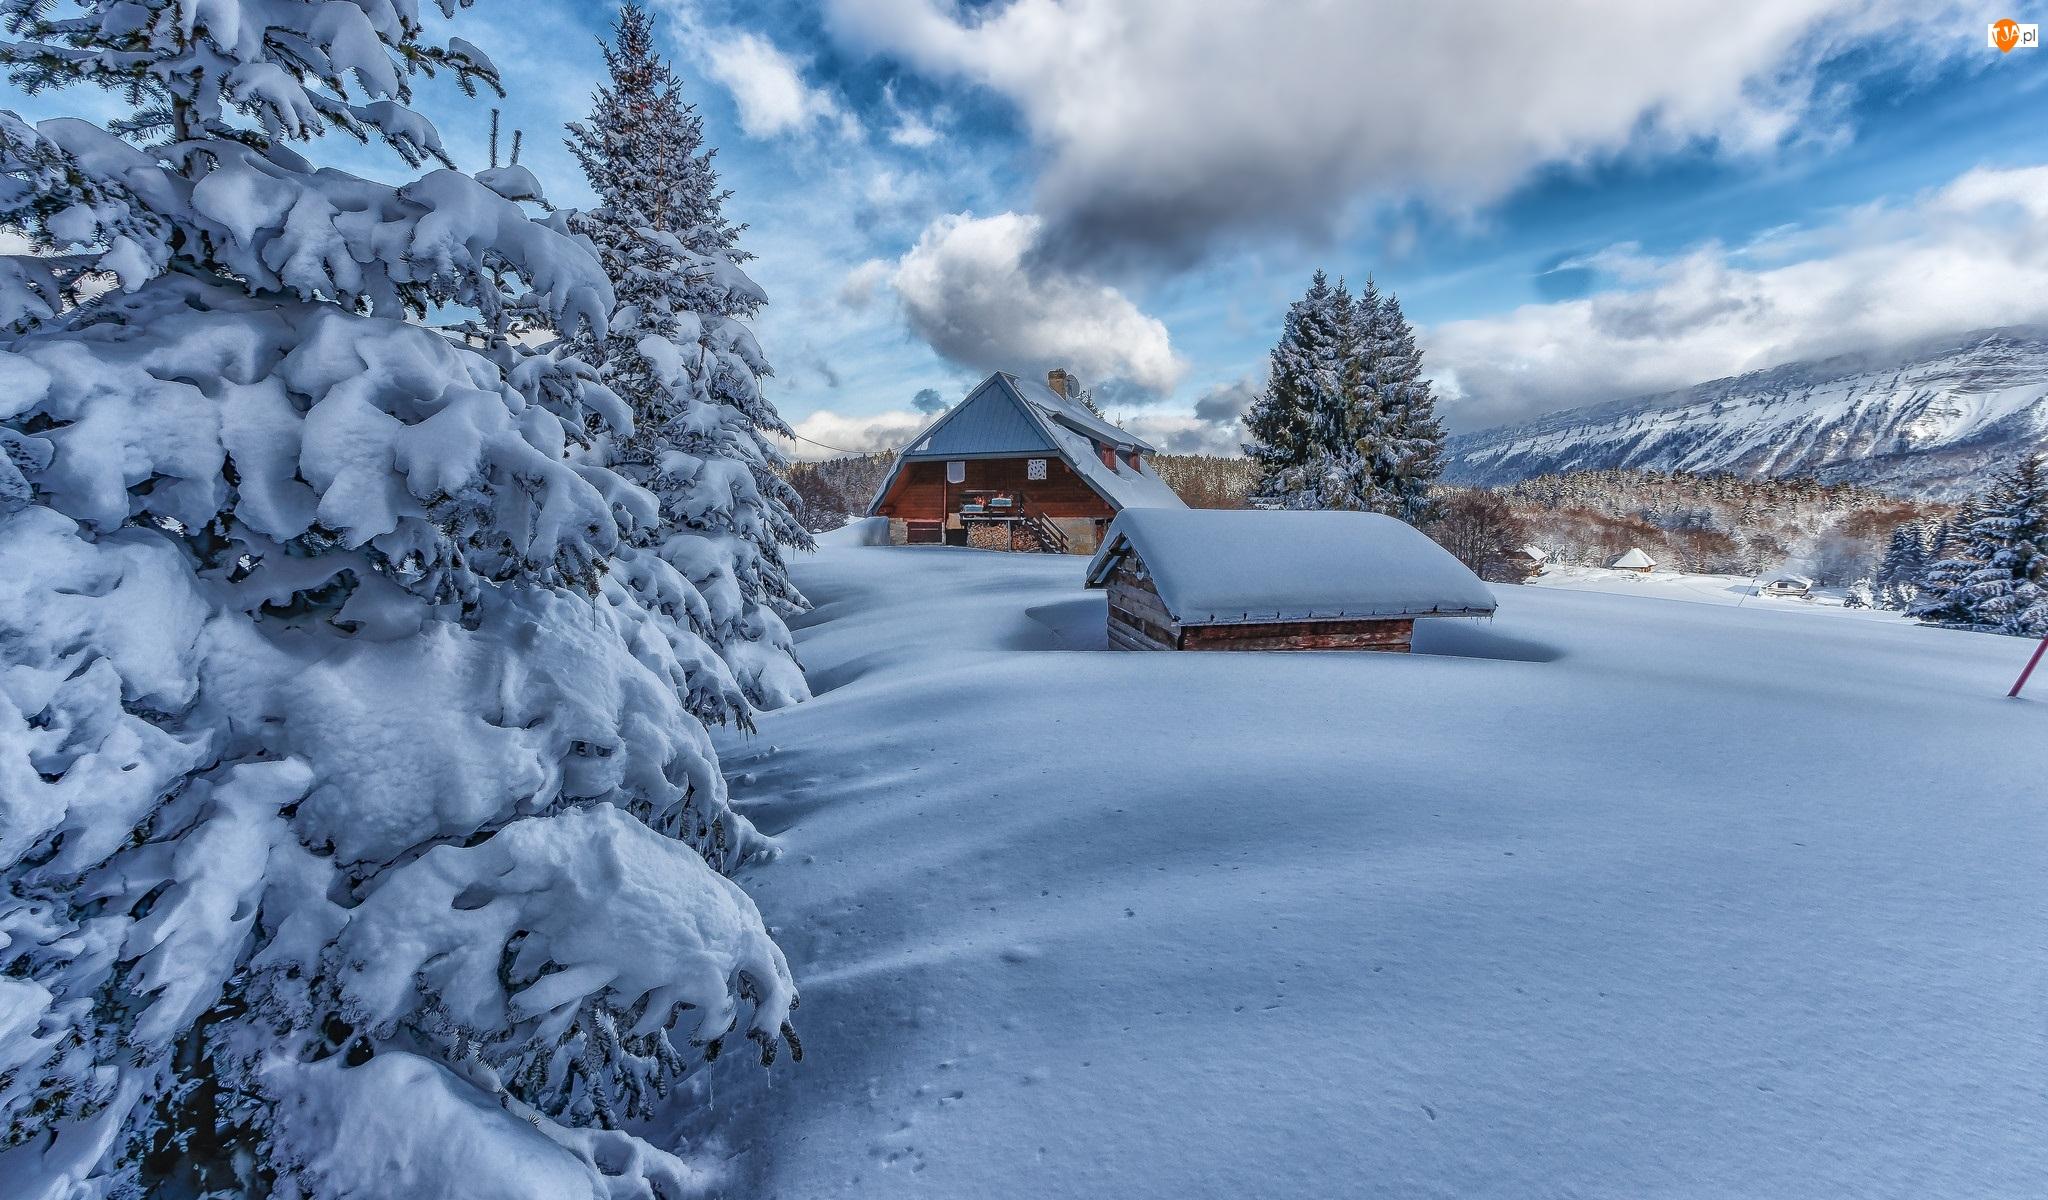 Domy, Zima, Śnieg, Drzewa